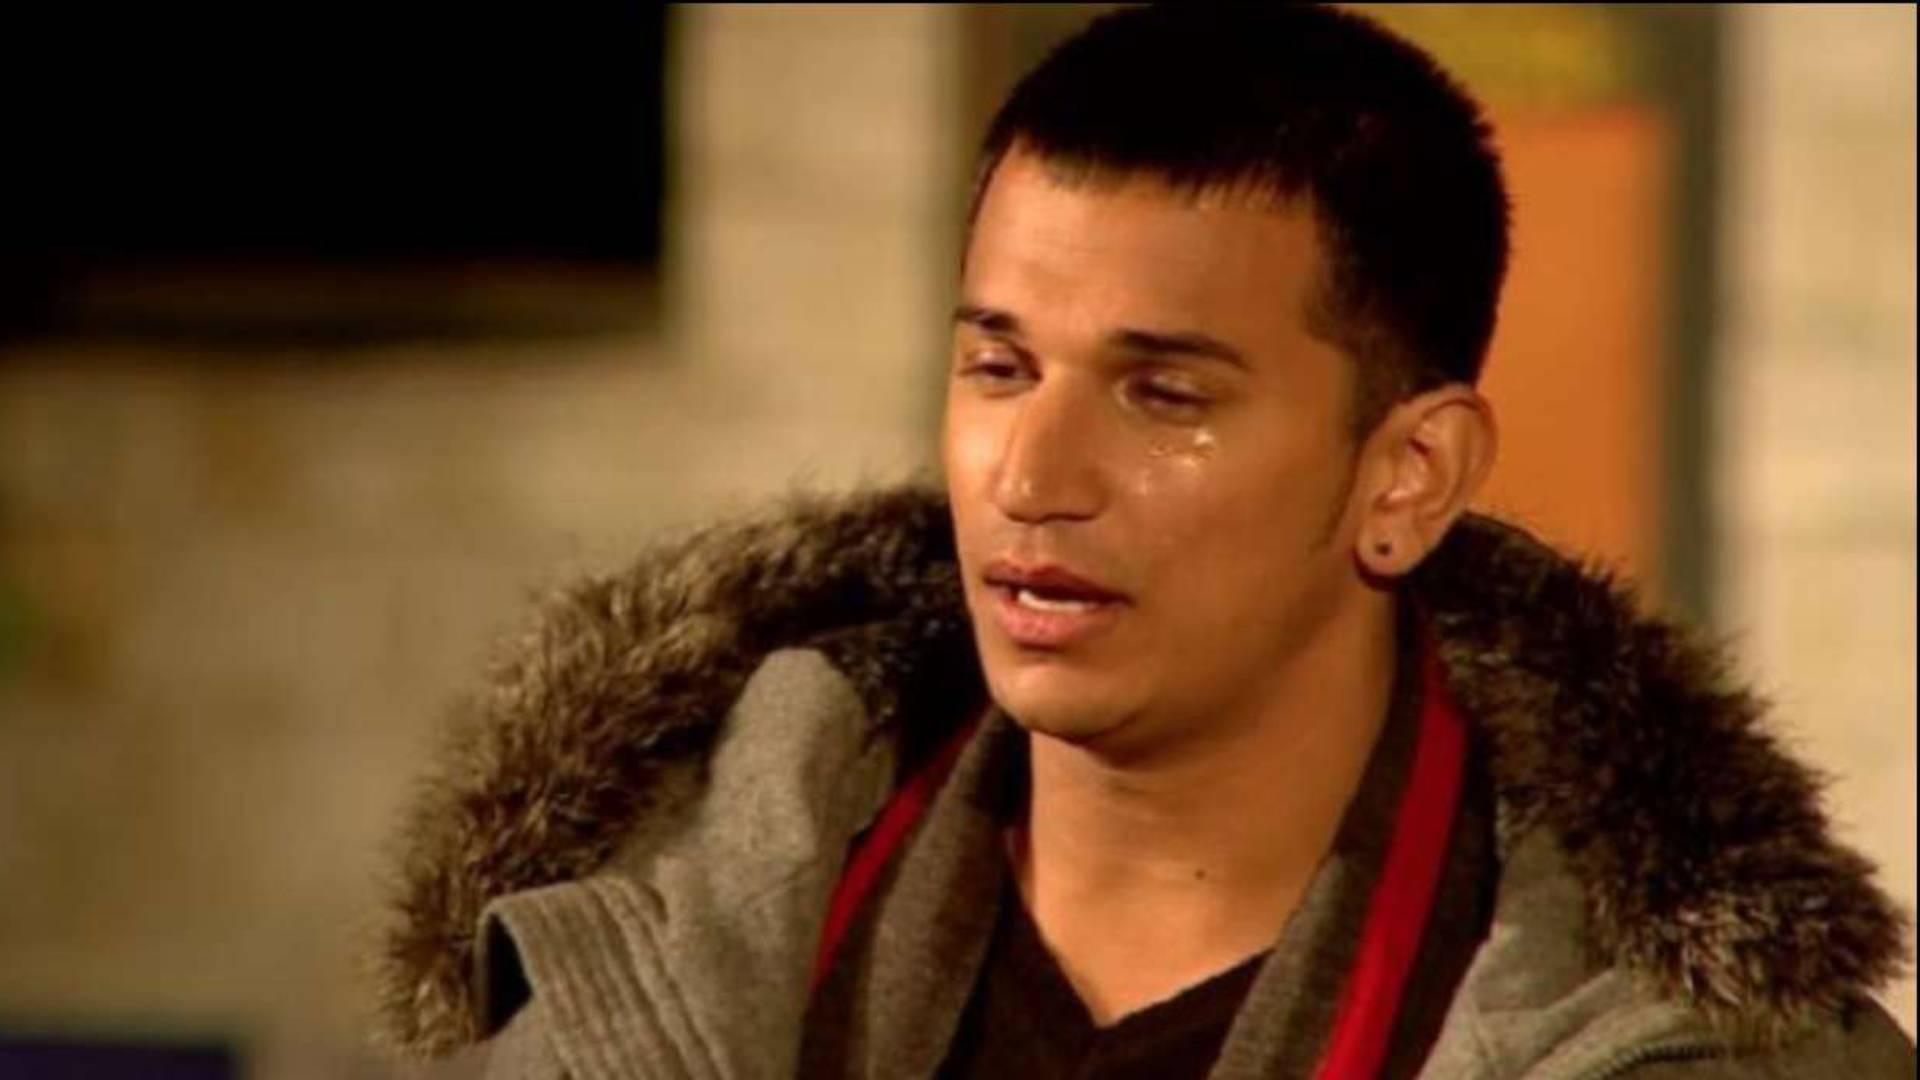 प्रिंस नरूला ने भाई रूपेश को खोने पर जताया दुख, रोते हुए बताया कैसे हुआ ये बड़ा हादसा